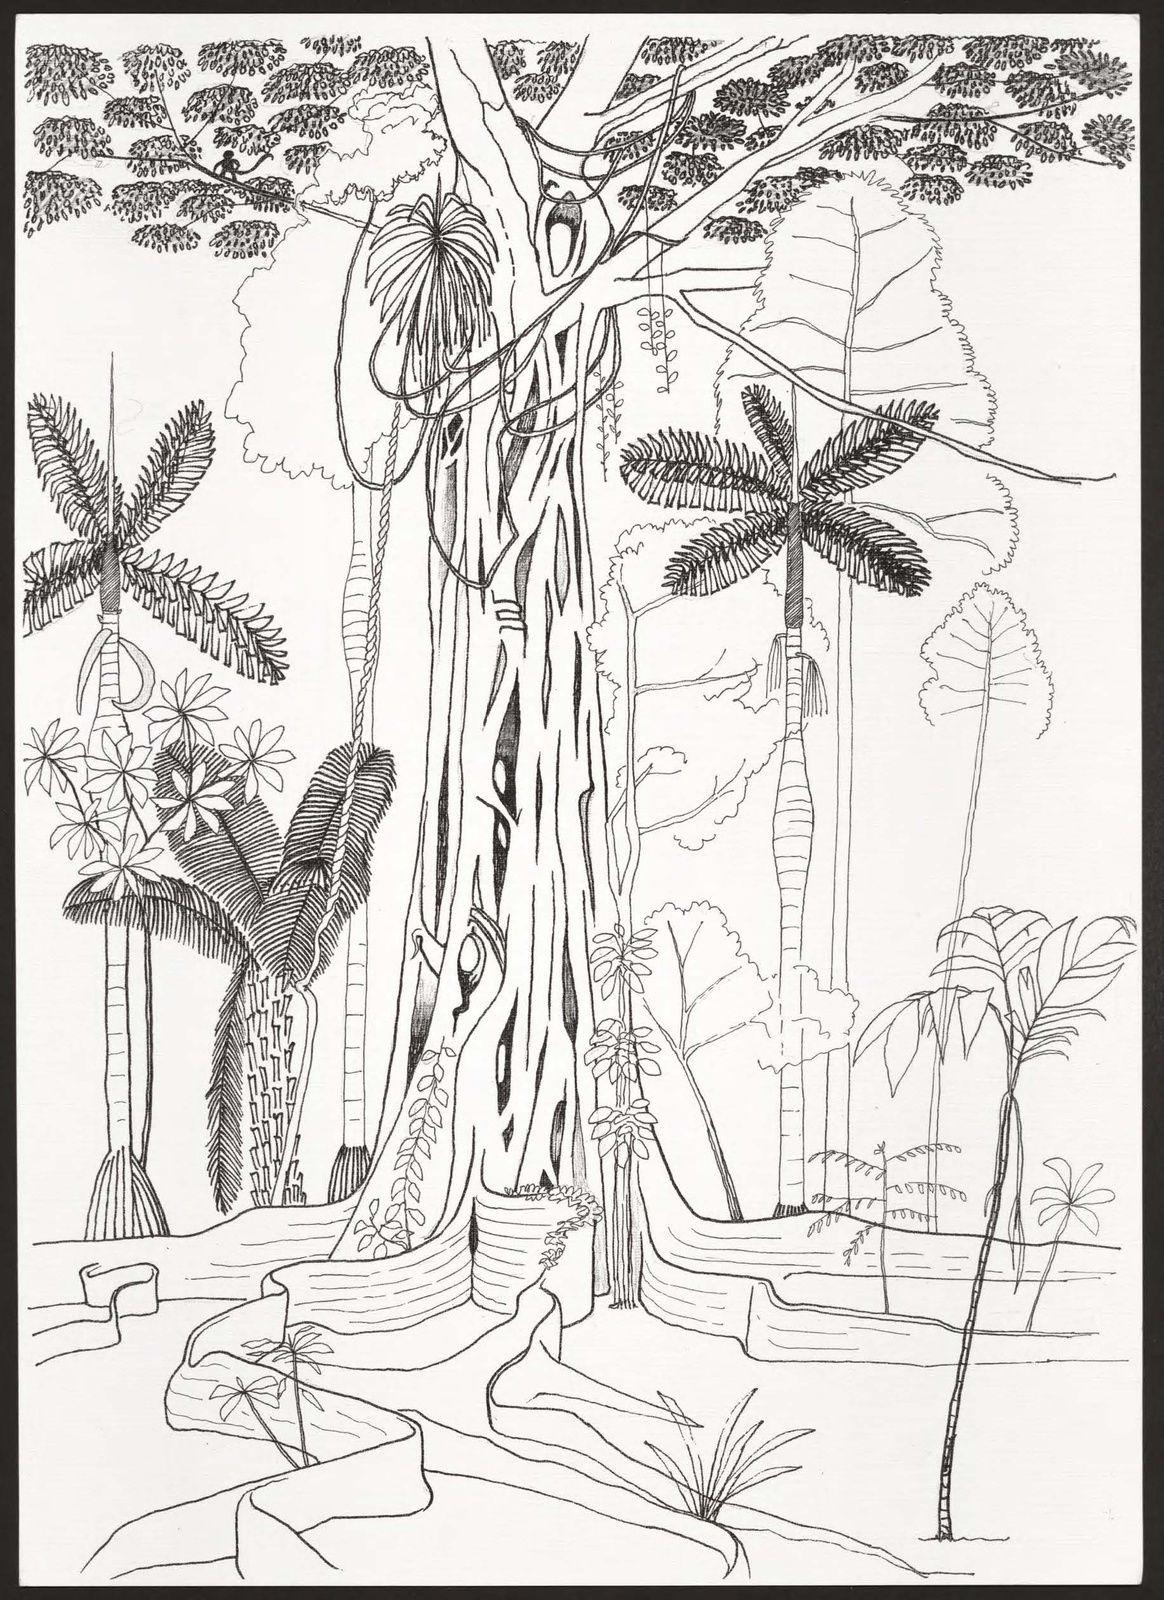 Francis Hallé Ficus étrangleur, forêt de Pakitza, Amazonie péruvienne, non daté Crayon et encre sur papier, 42 × 30 cm Collection de l'artiste © Francis Hallé